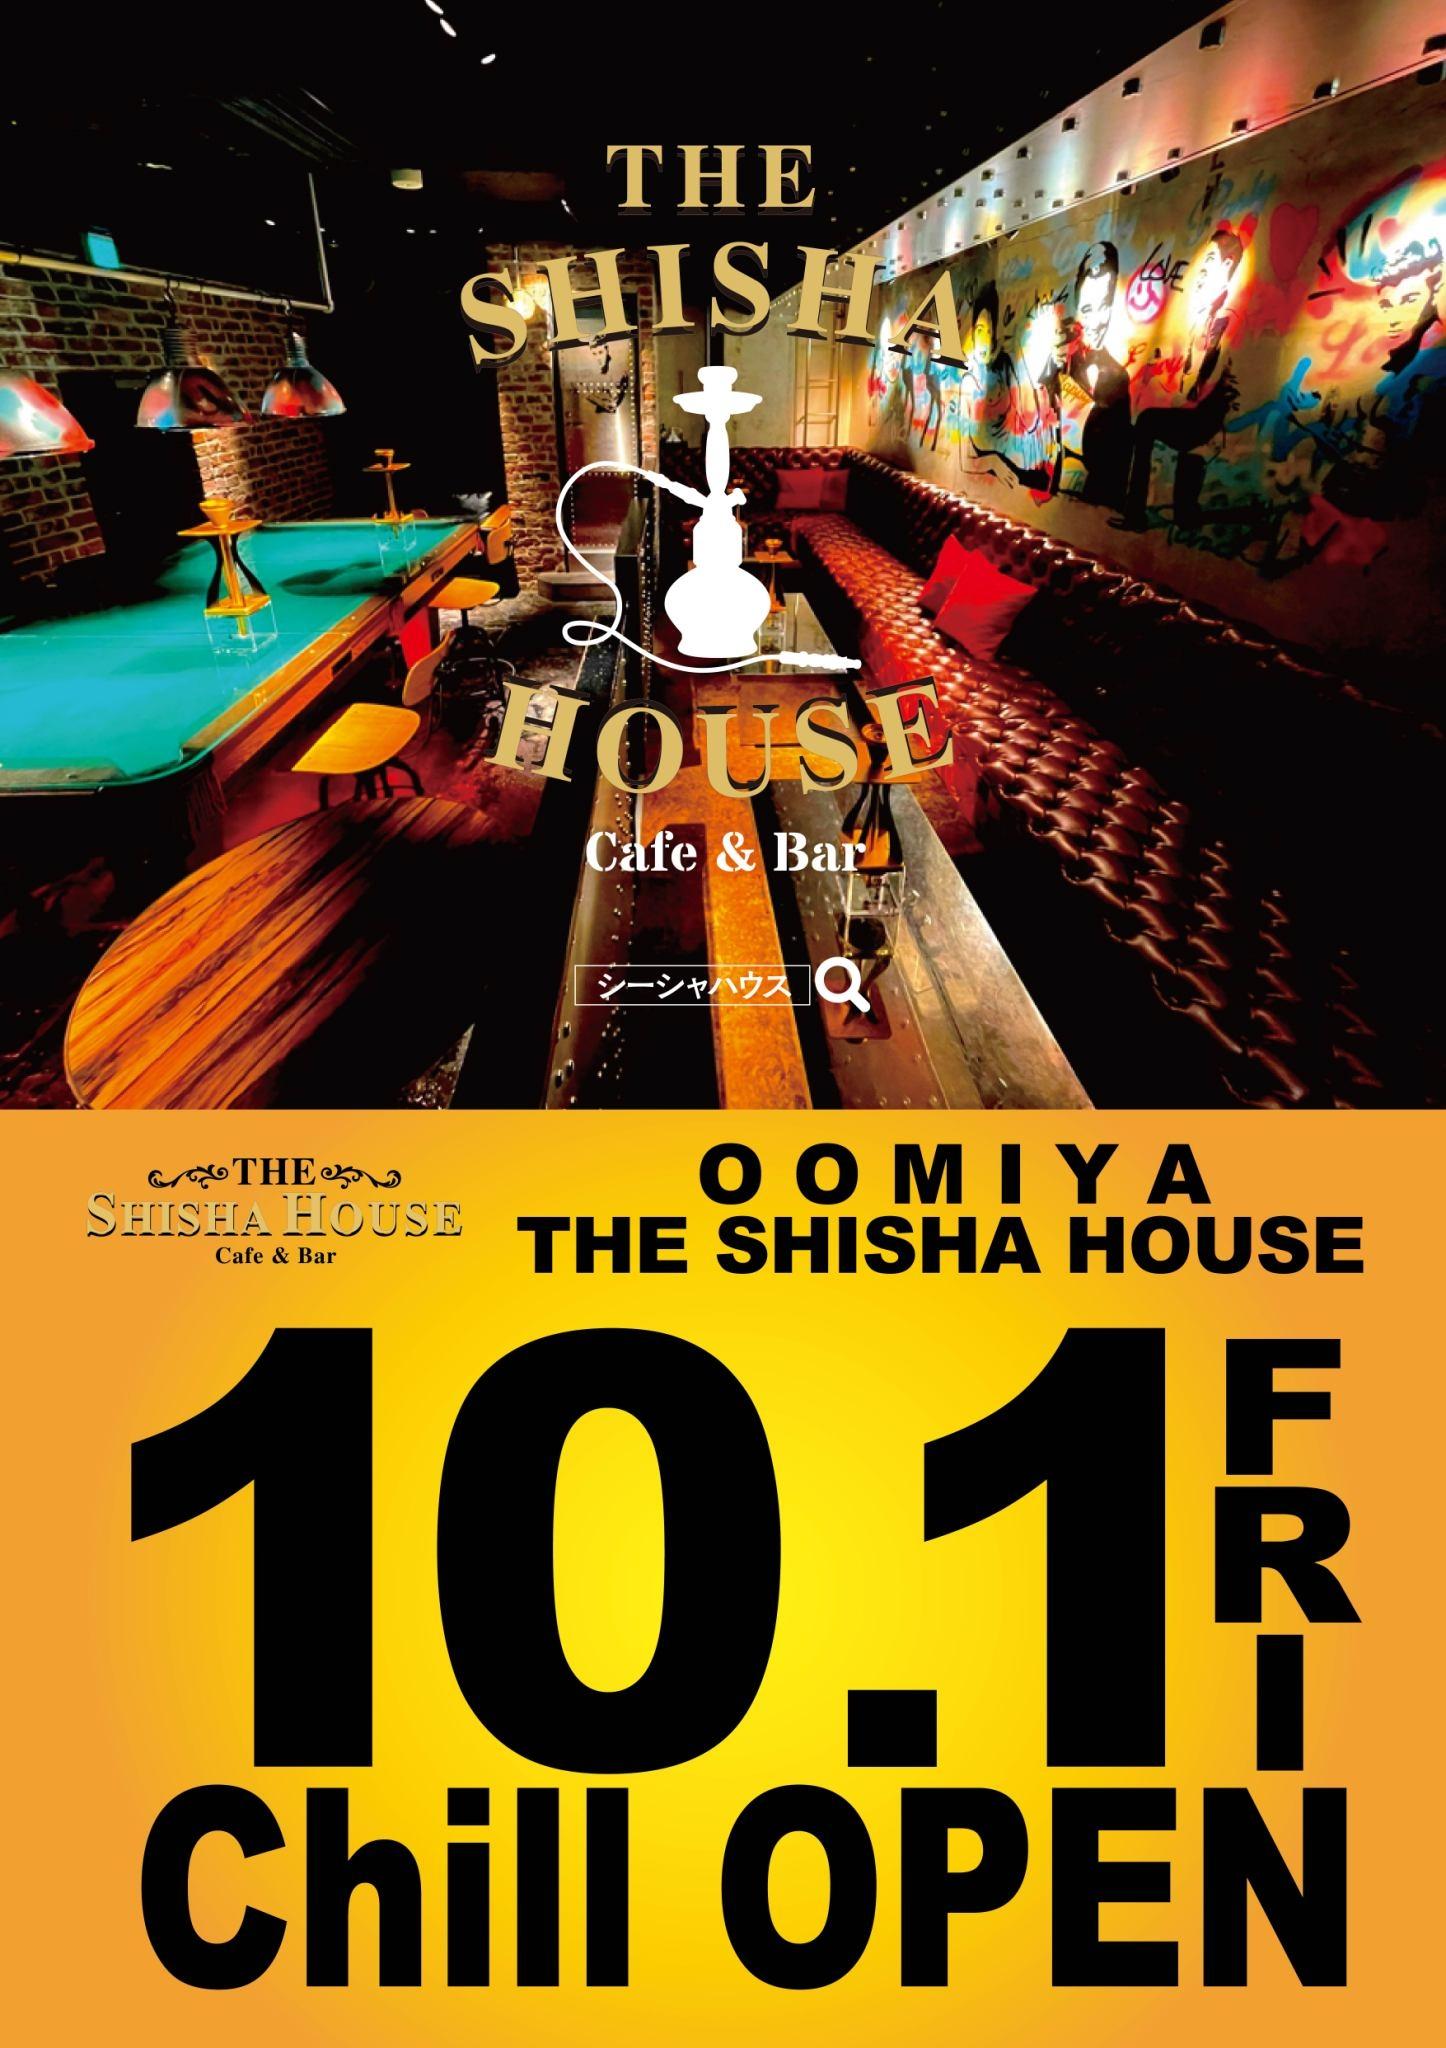 シーシャ専門!「THE SHISHA HOUSE」が大宮に上陸!